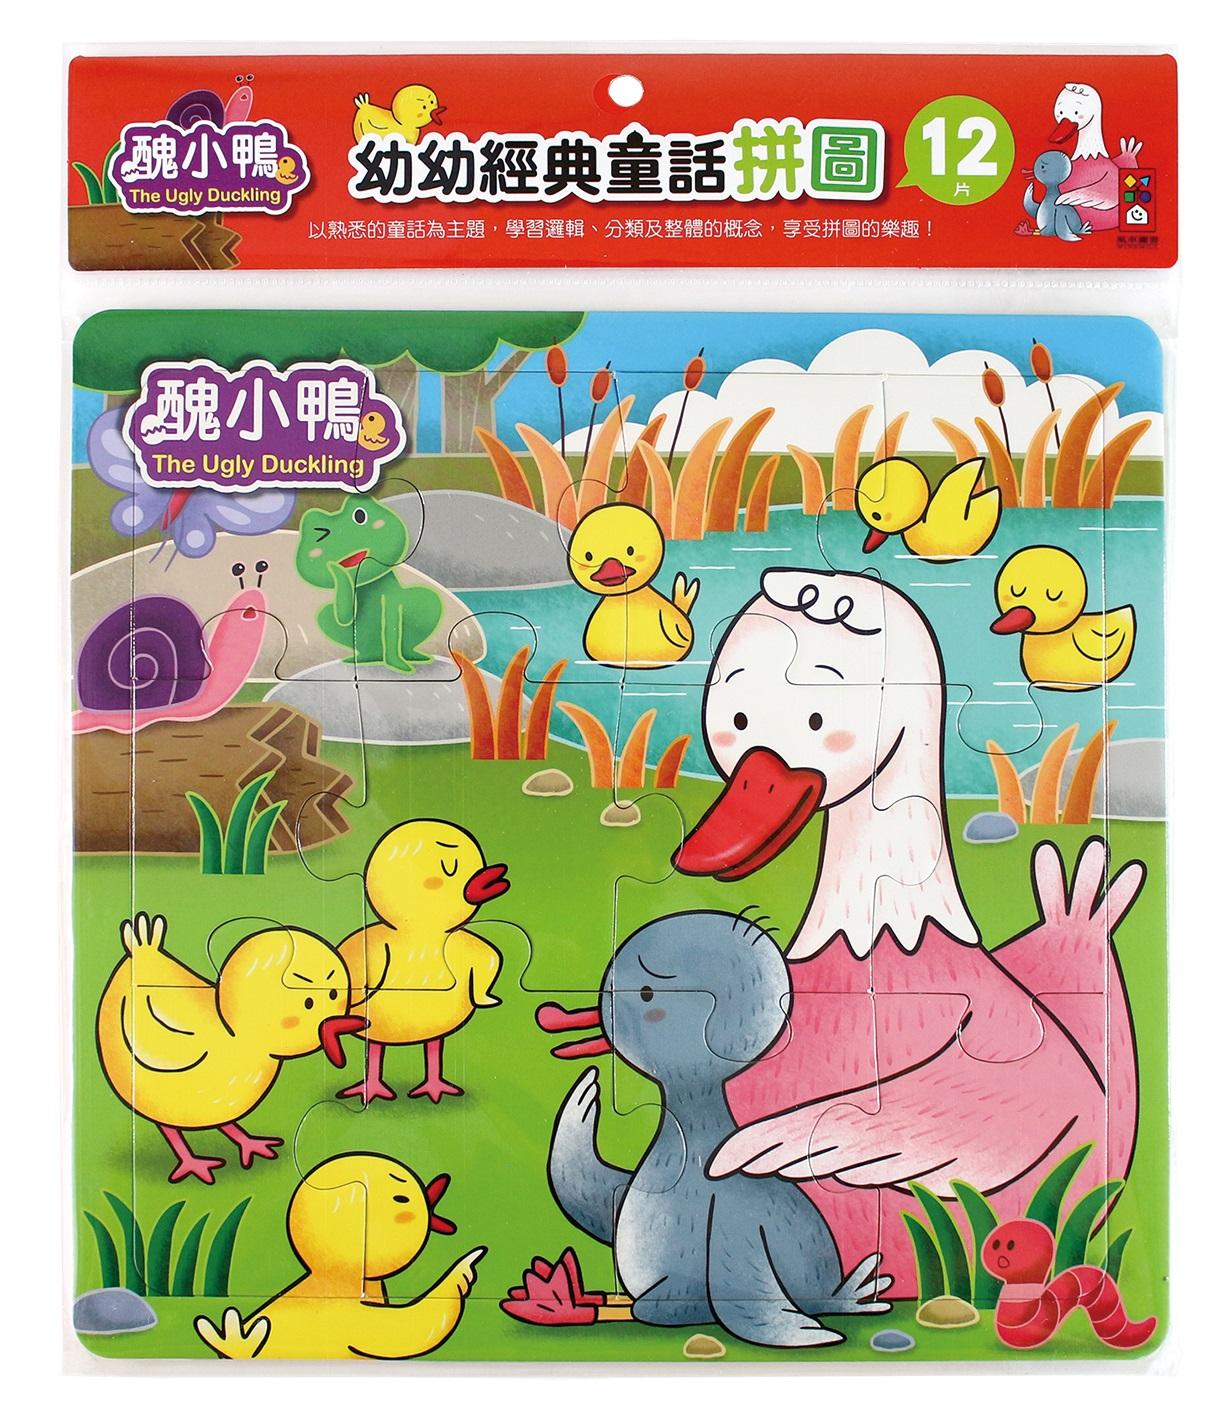 醜小鴨-幼幼經典童話拼圖